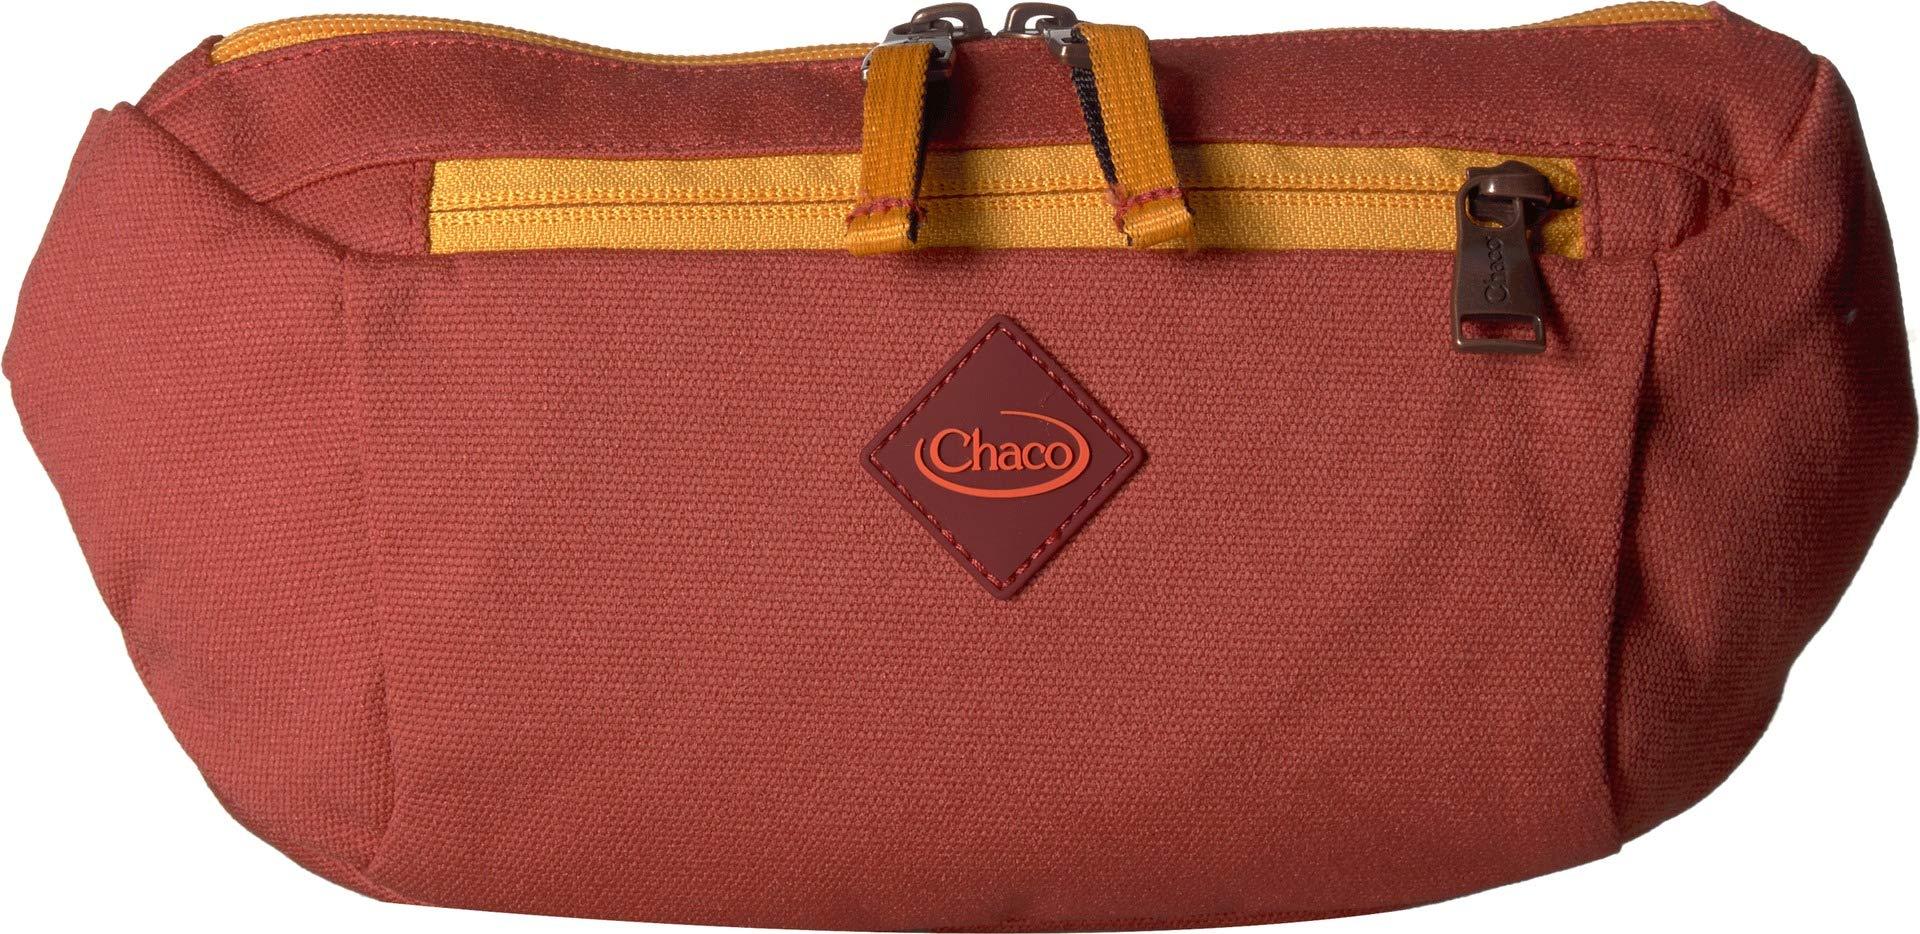 Chaco Unisex Radlands Hip Pack, Bind Cinnabar - OS US